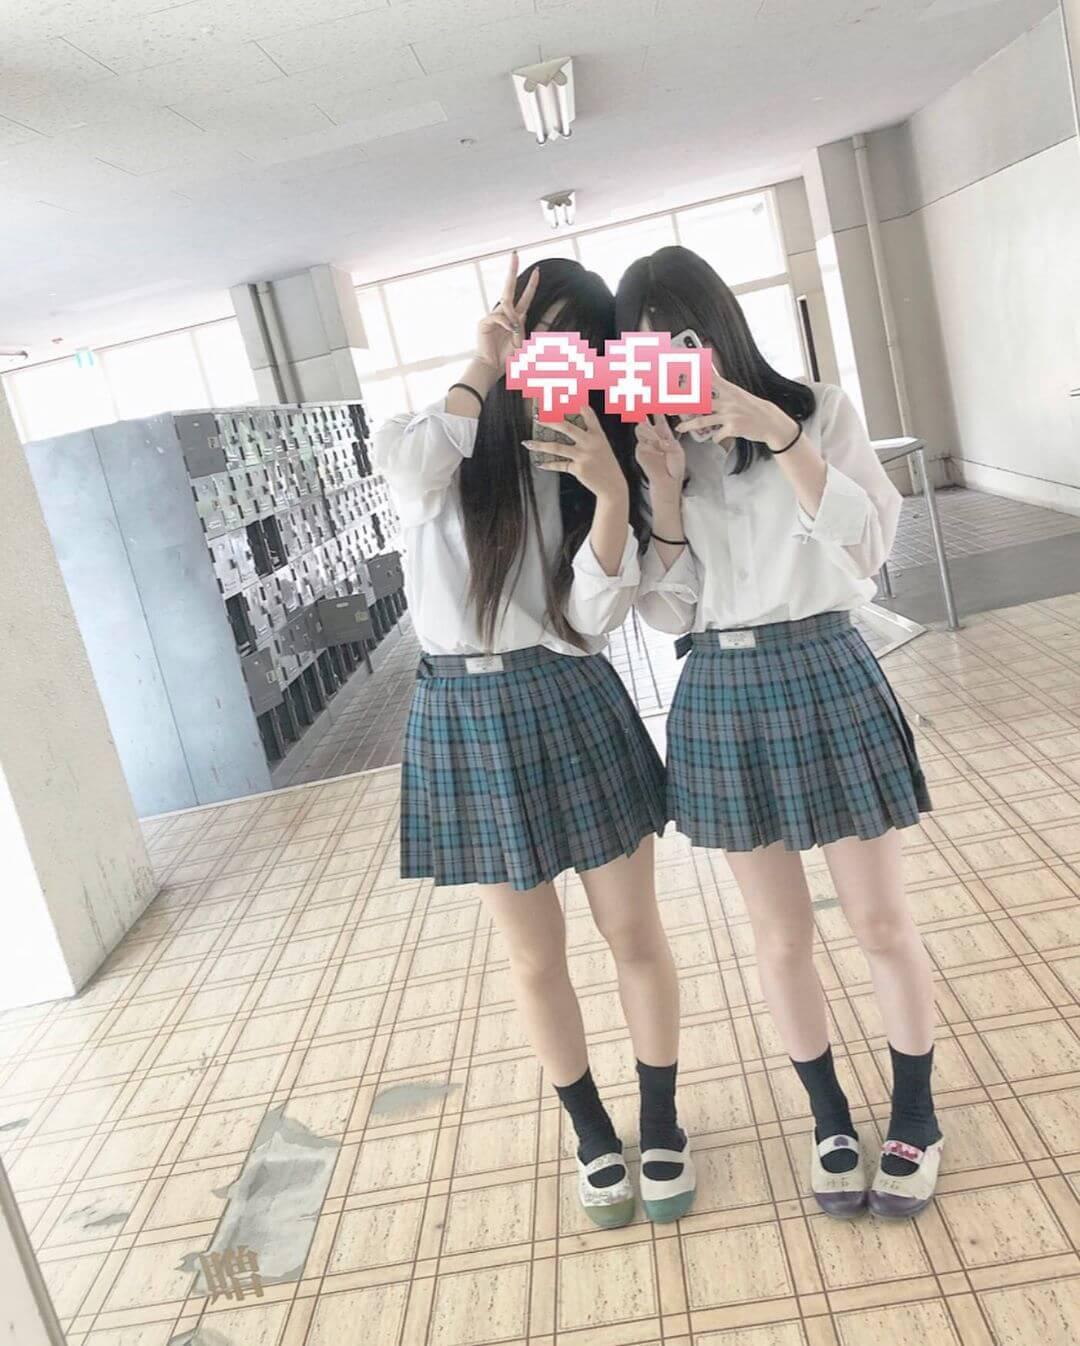 【画像】イケイケな新栄JKをおかずにシコシコしてみる?